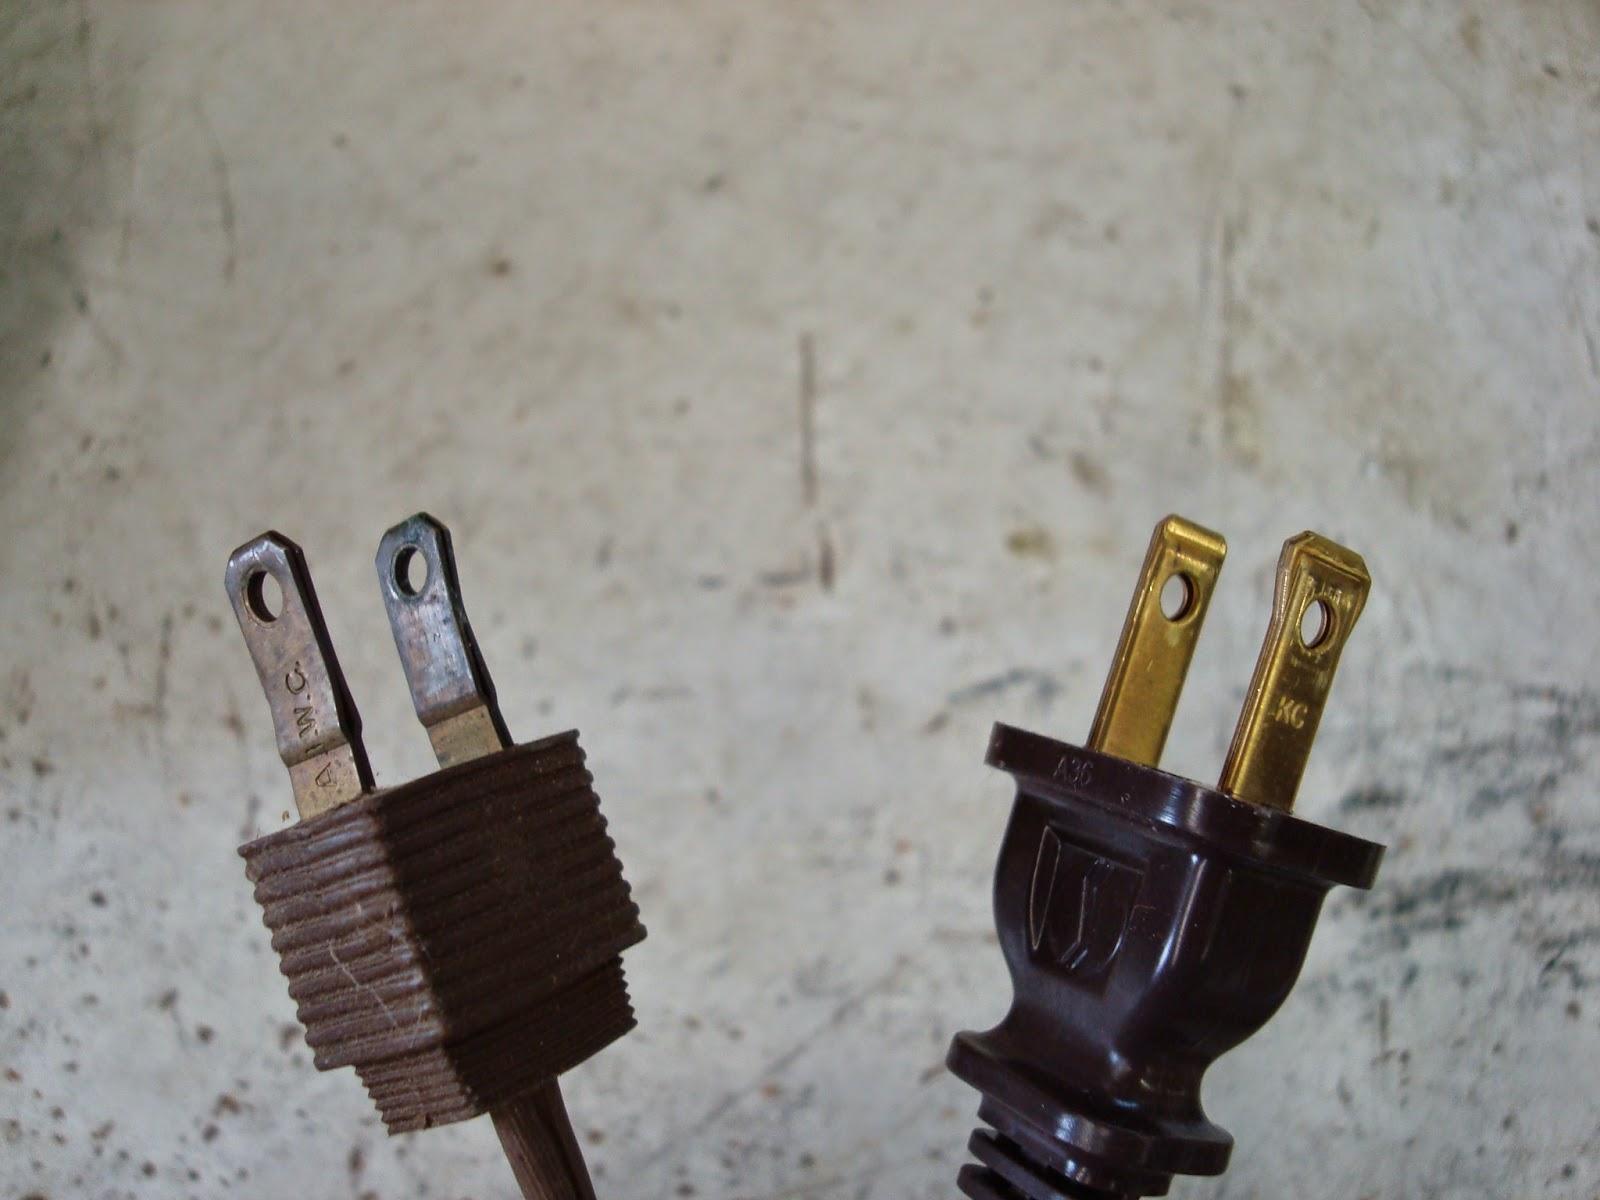 lamp cord comparison